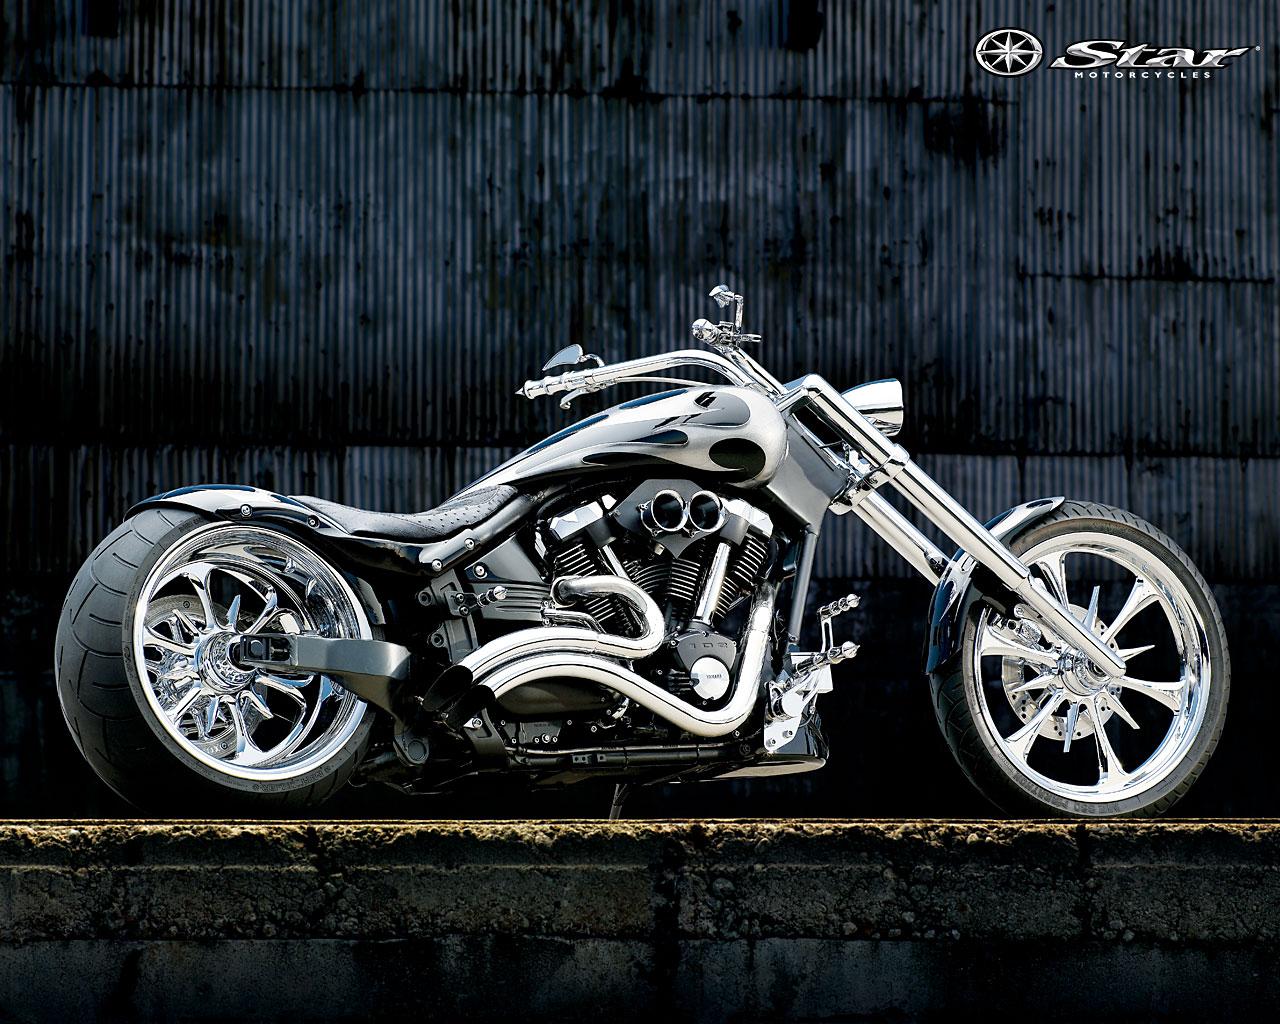 http://2.bp.blogspot.com/_g6ox5d4DnrY/SxRTjAMrHKI/AAAAAAAAAZU/SDE3hSUMeDU/s1600/Yamaha-Chopper-Chrome.jpg